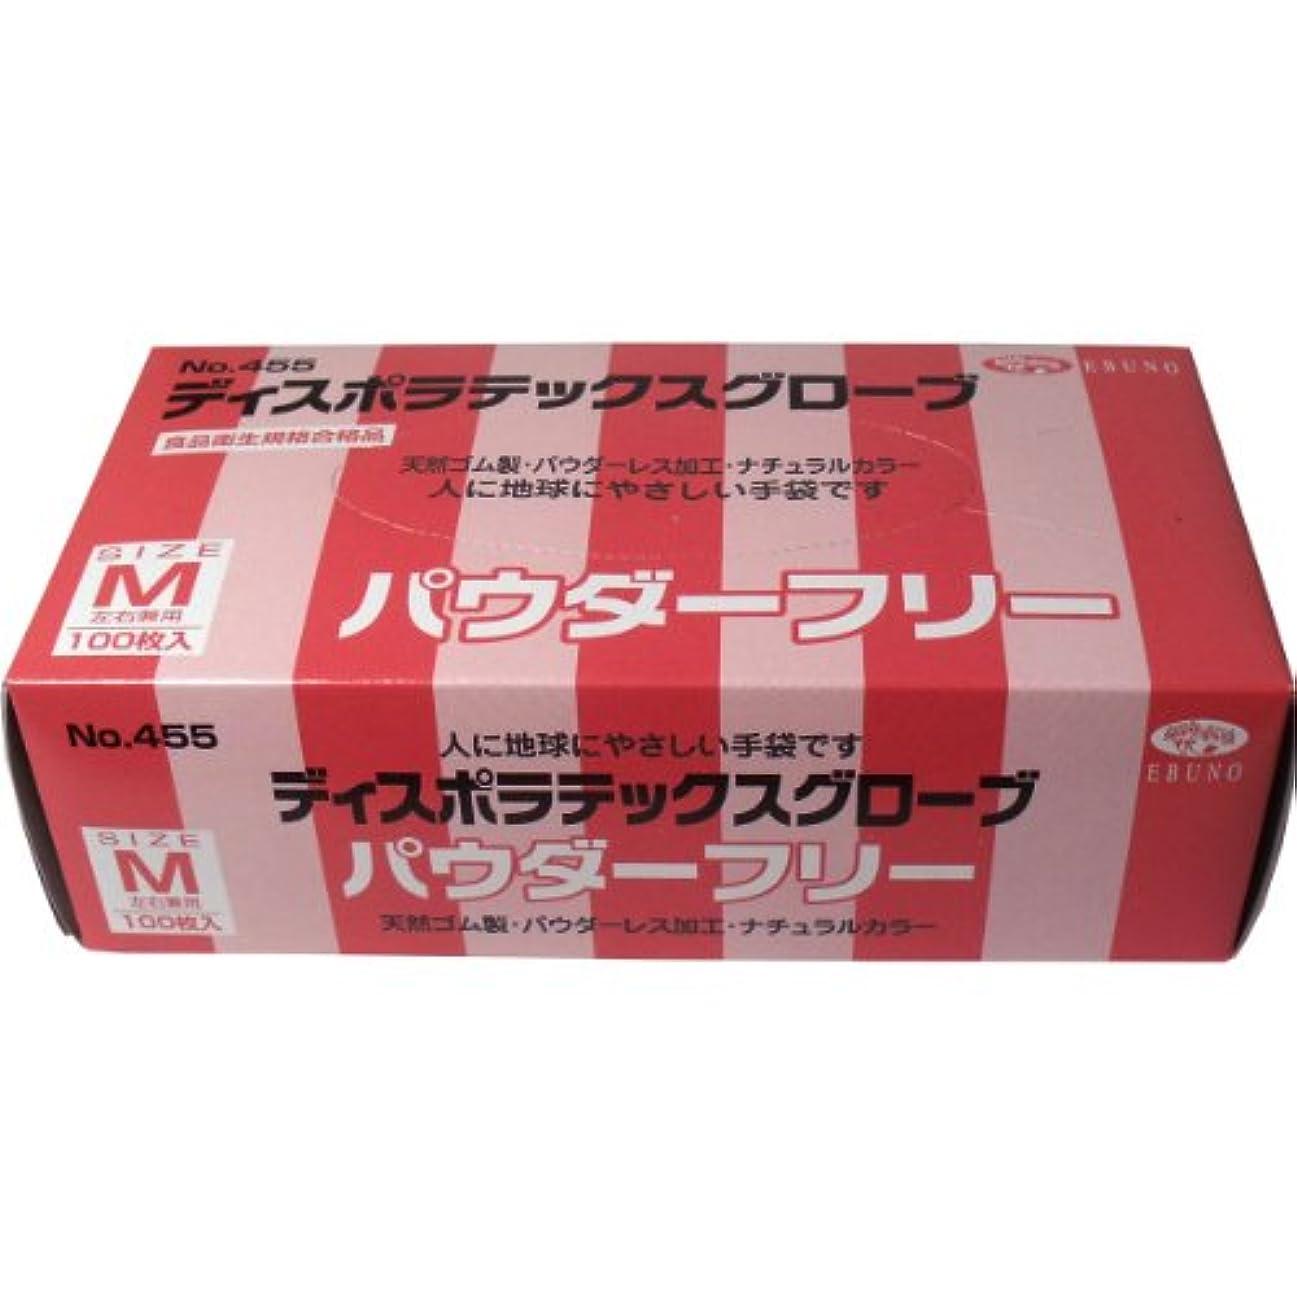 遺産昼間もしディスポ ラテックスグローブ(天然ゴム手袋) パウダーフリー Mサイズ 100枚入×2個セット